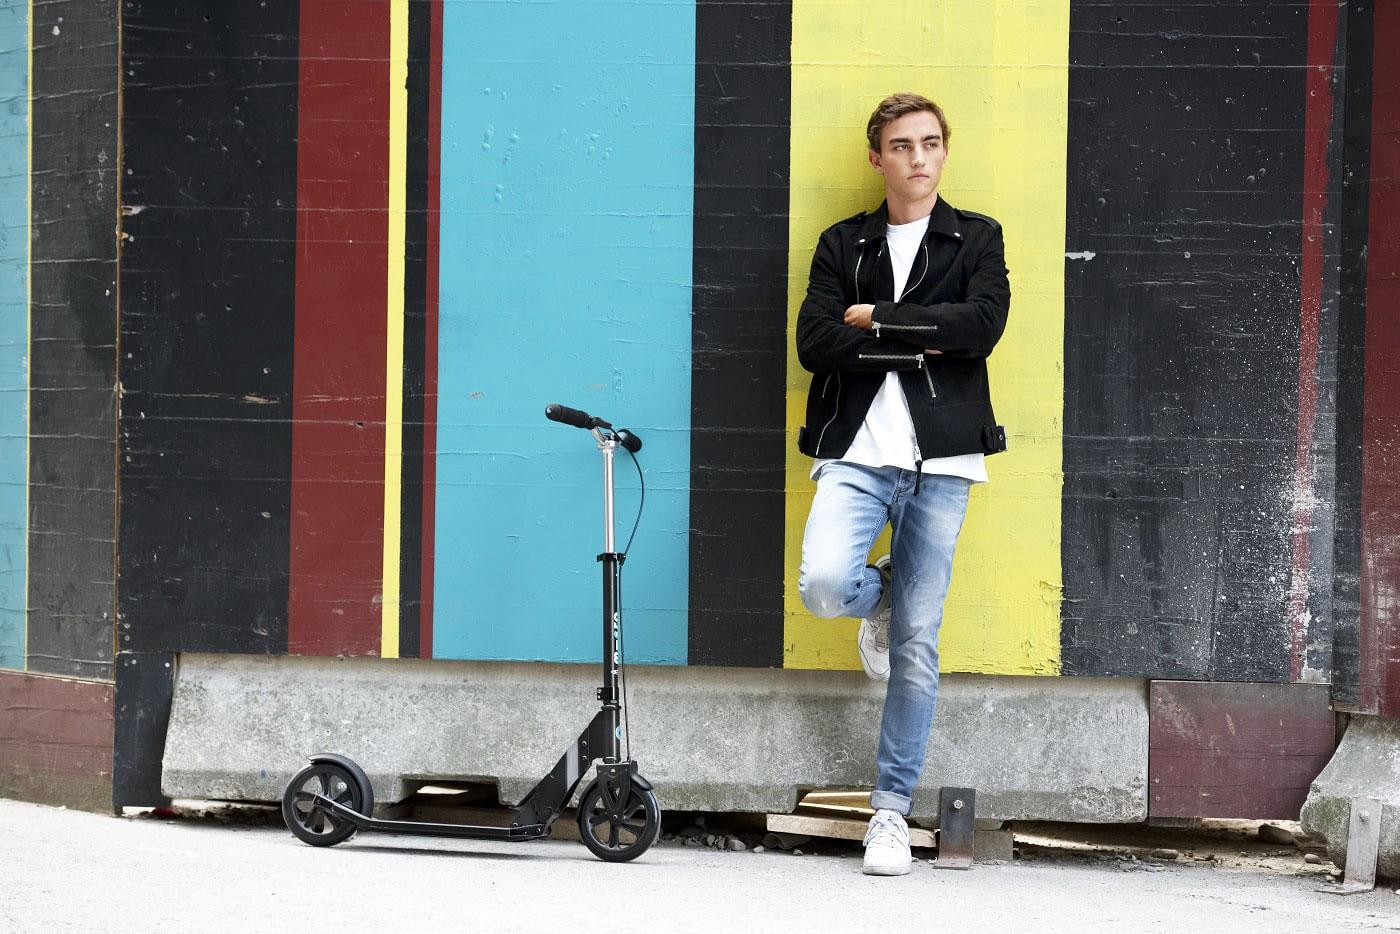 Tretroller für Erwachsene - ein junger mann steht mit Roller vor bunter Wand.